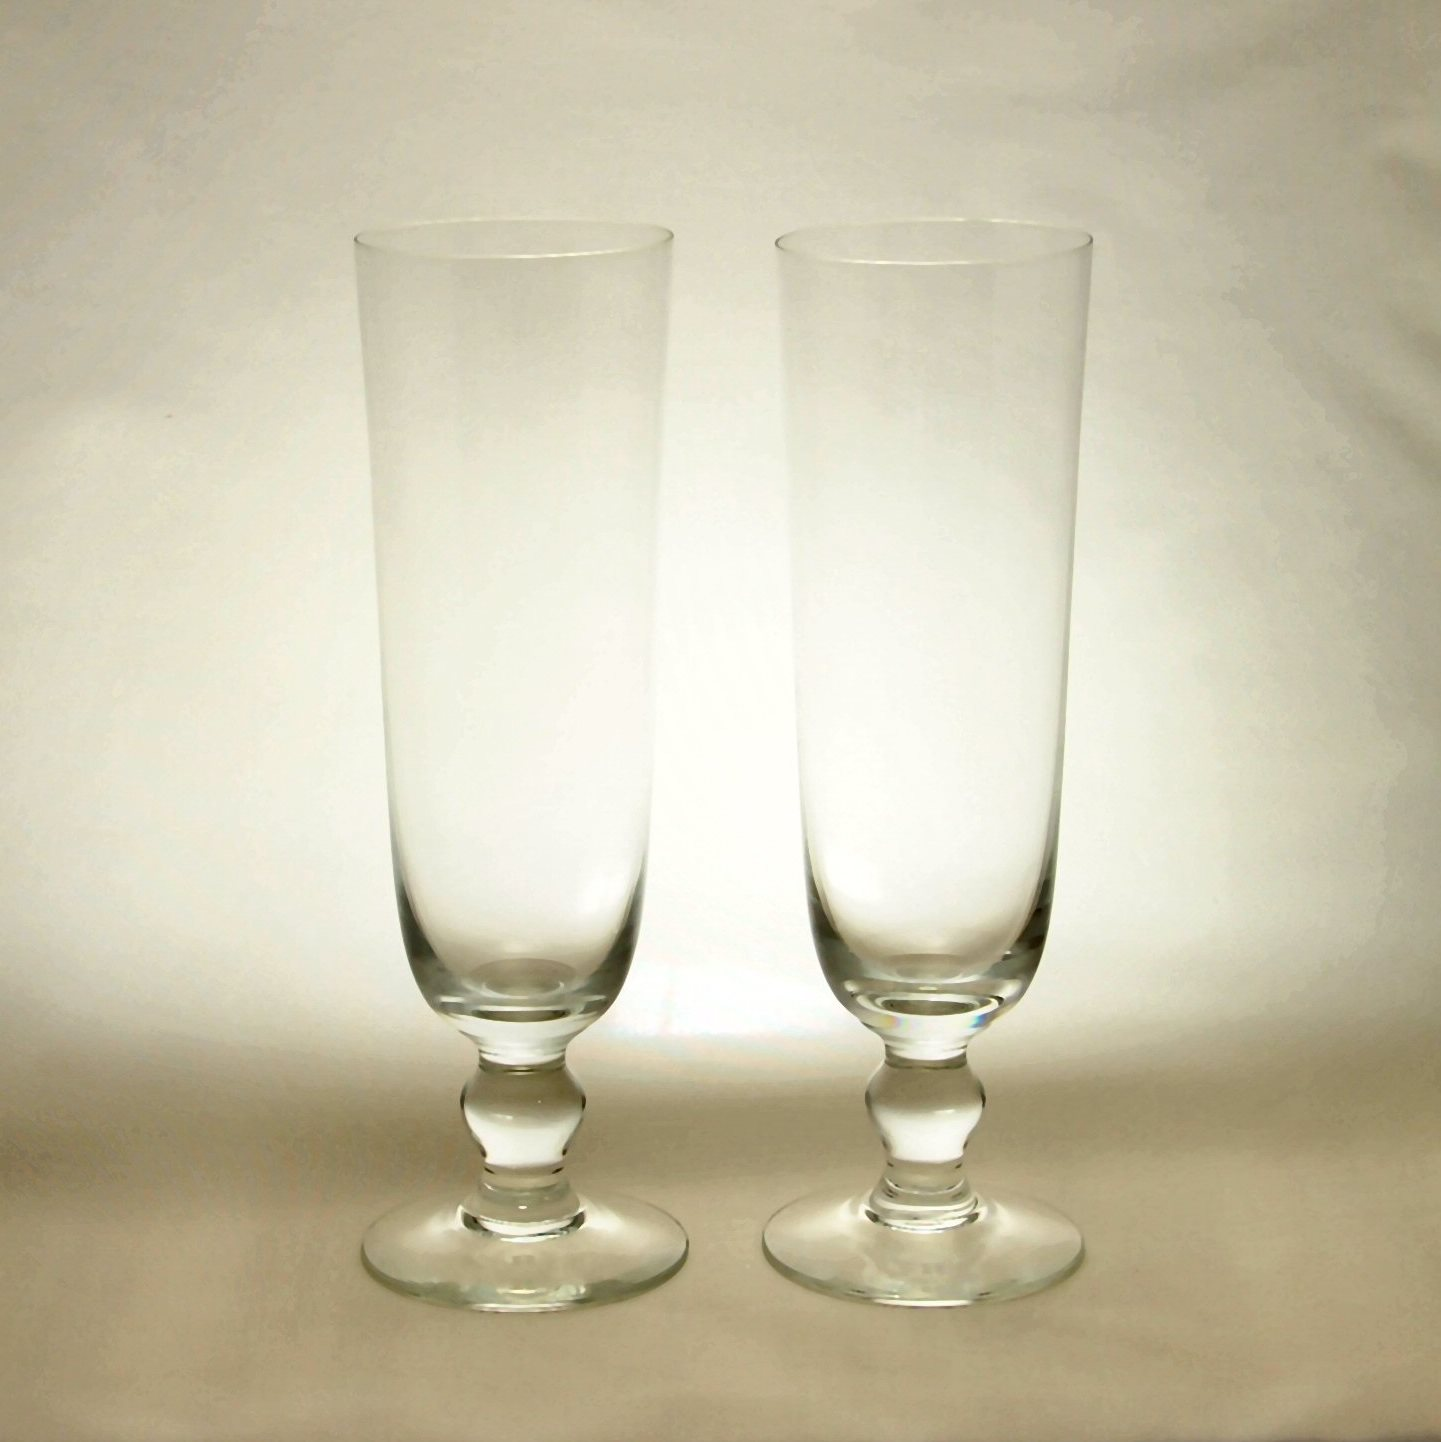 レイミューラー ビールグラス ペア REIJMYRE Bryggar Glas Pair